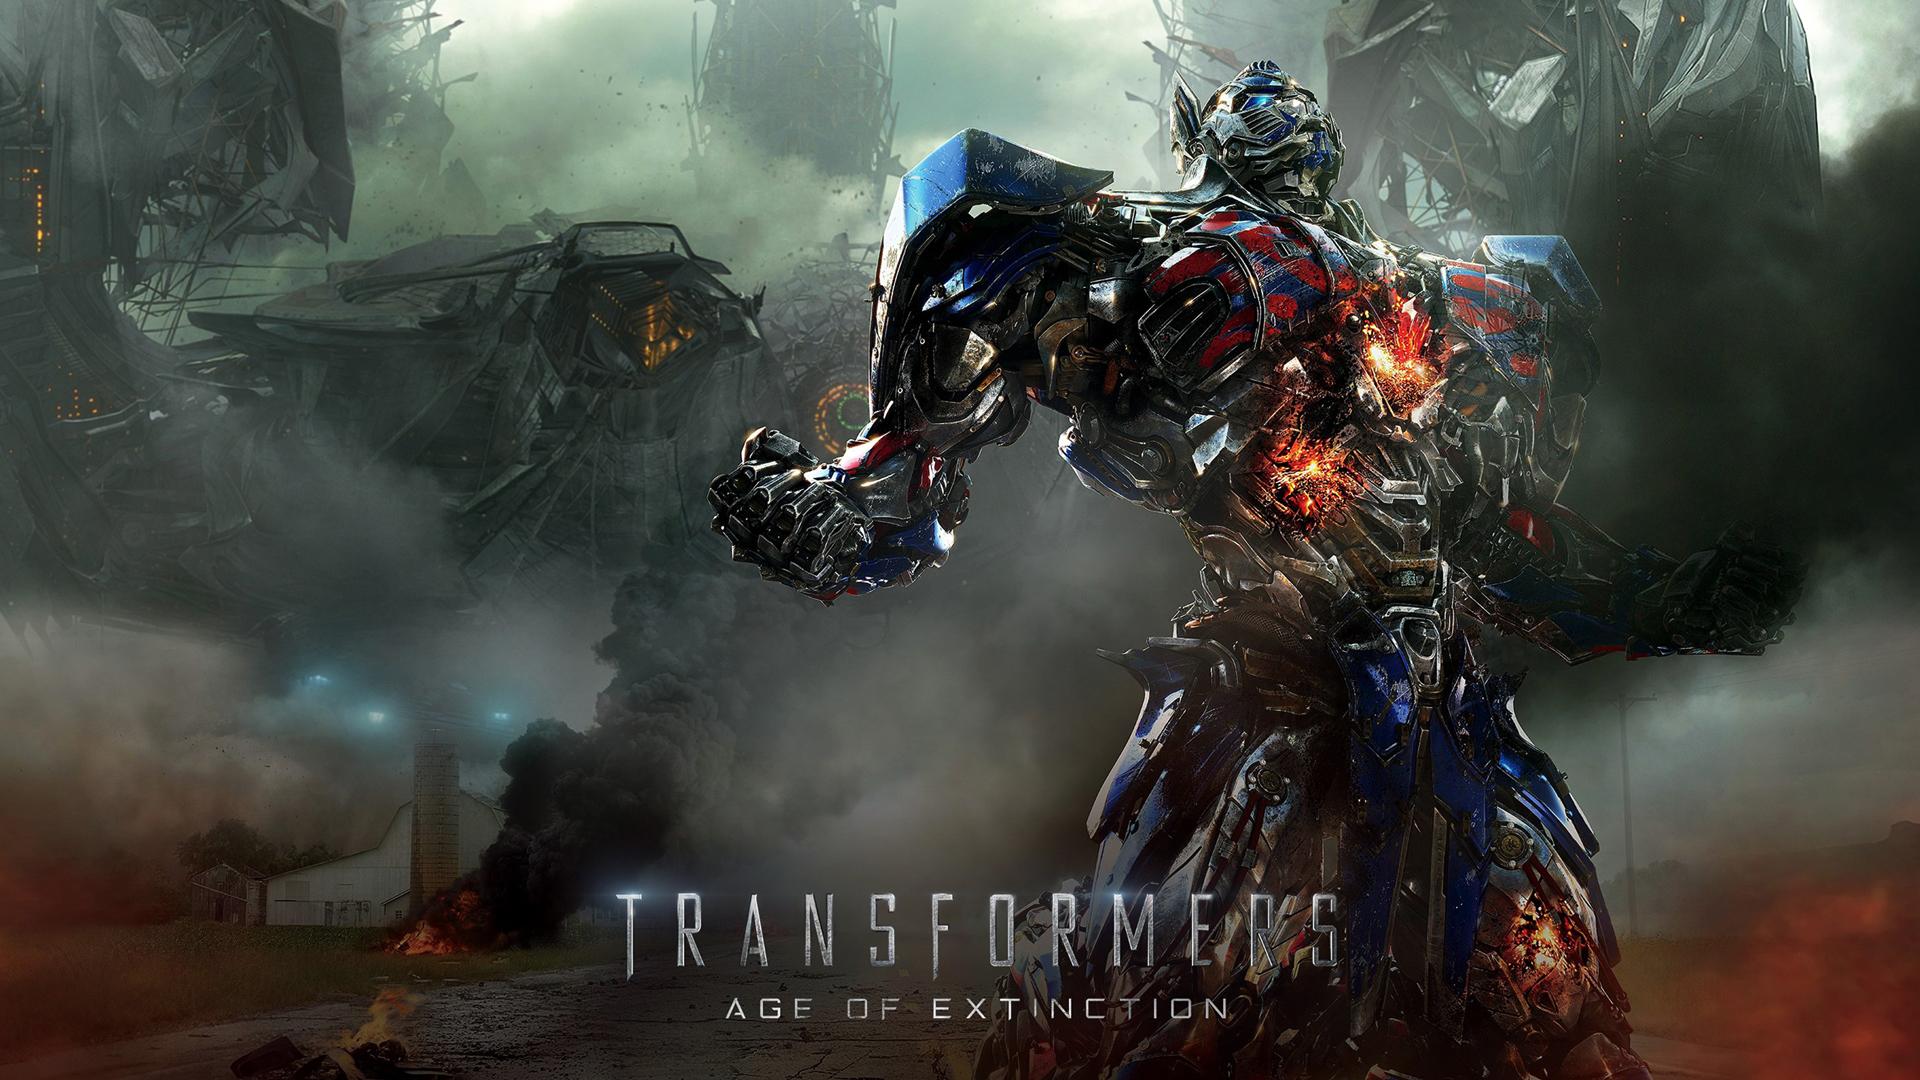 transformeri-4-epoha-istrebleniya-smotret-horoshem-kachestve